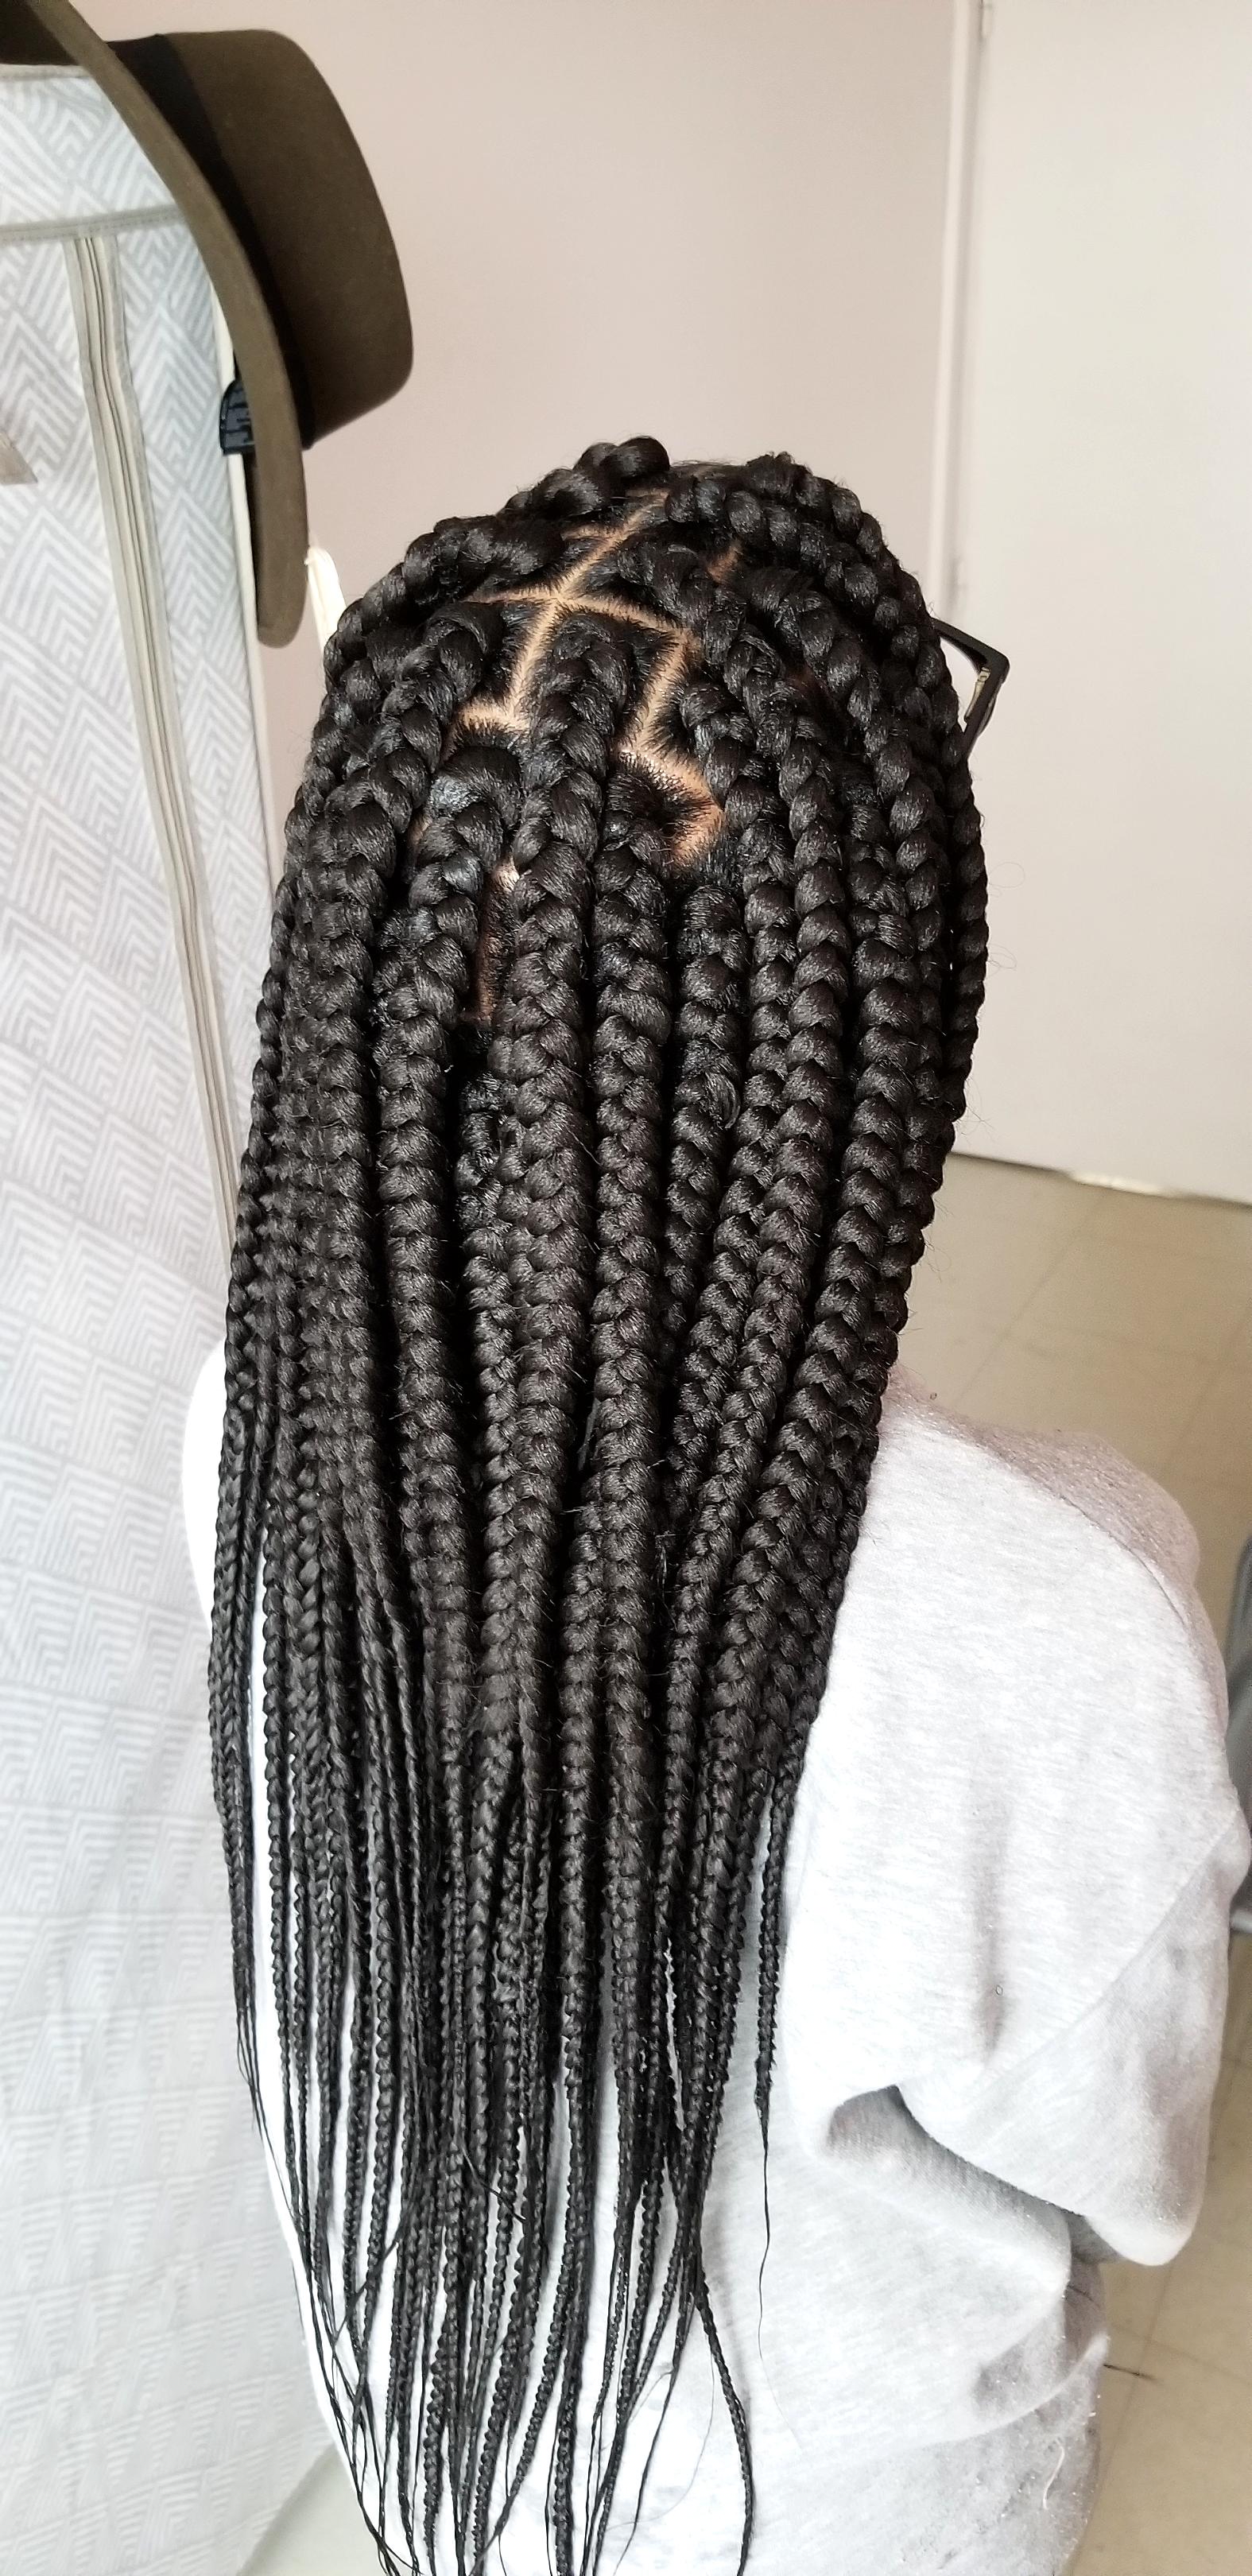 salon de coiffure afro tresse tresses box braids crochet braids vanilles tissages paris 75 77 78 91 92 93 94 95 OPWKSKYY